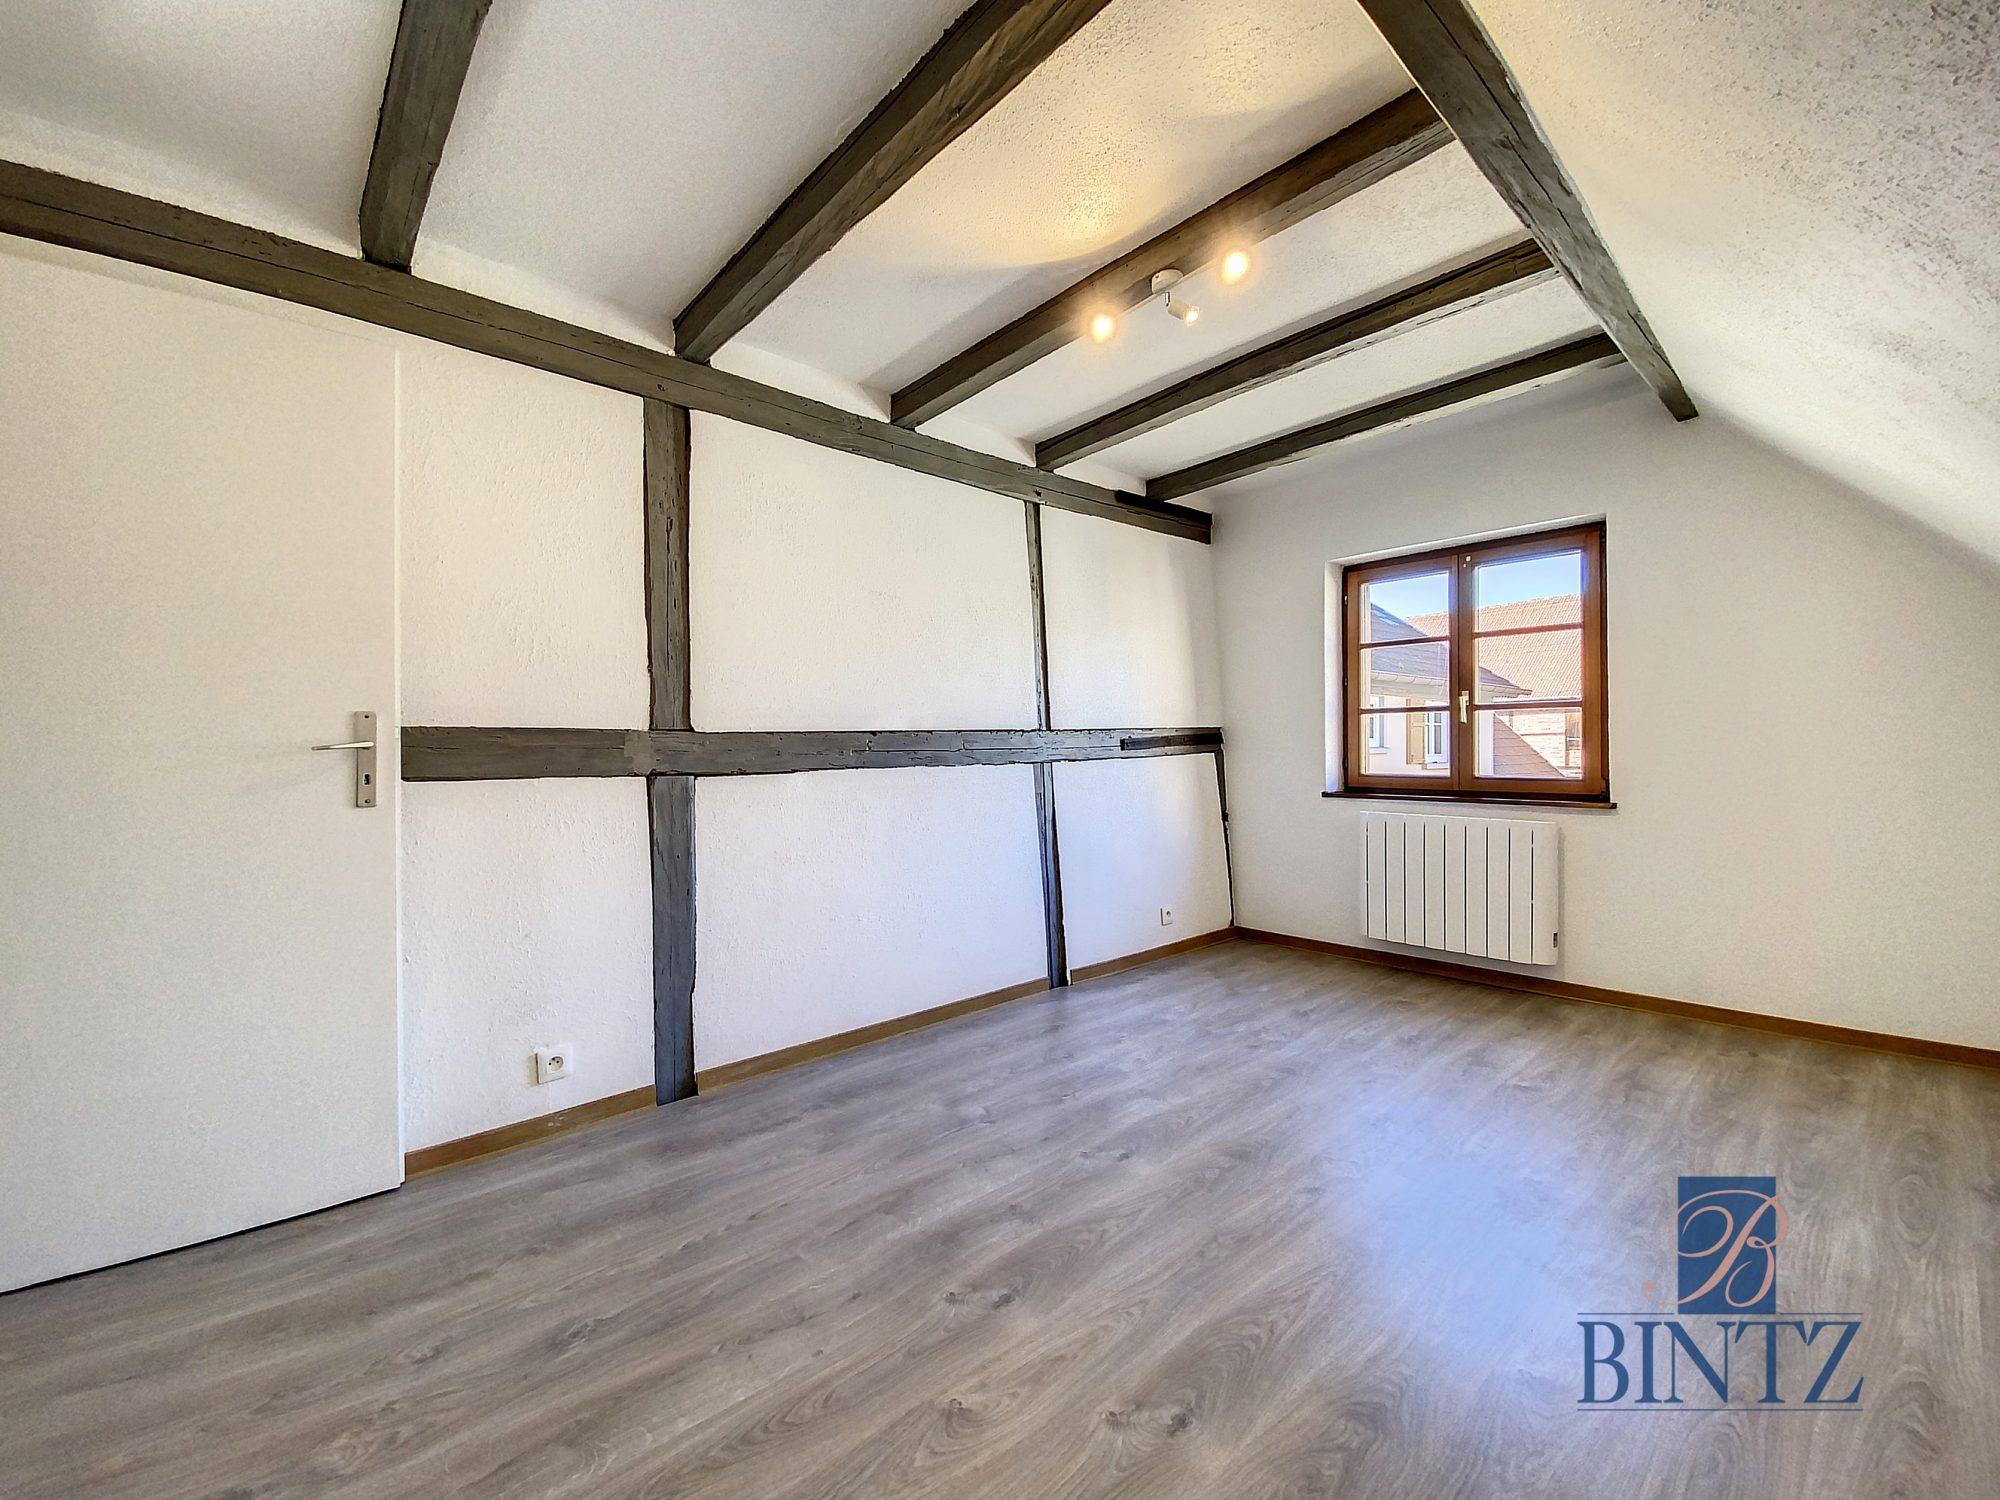 3/4 Pièces Centre-ville ROSHEIM - Devenez locataire en toute sérénité - Bintz Immobilier - 4